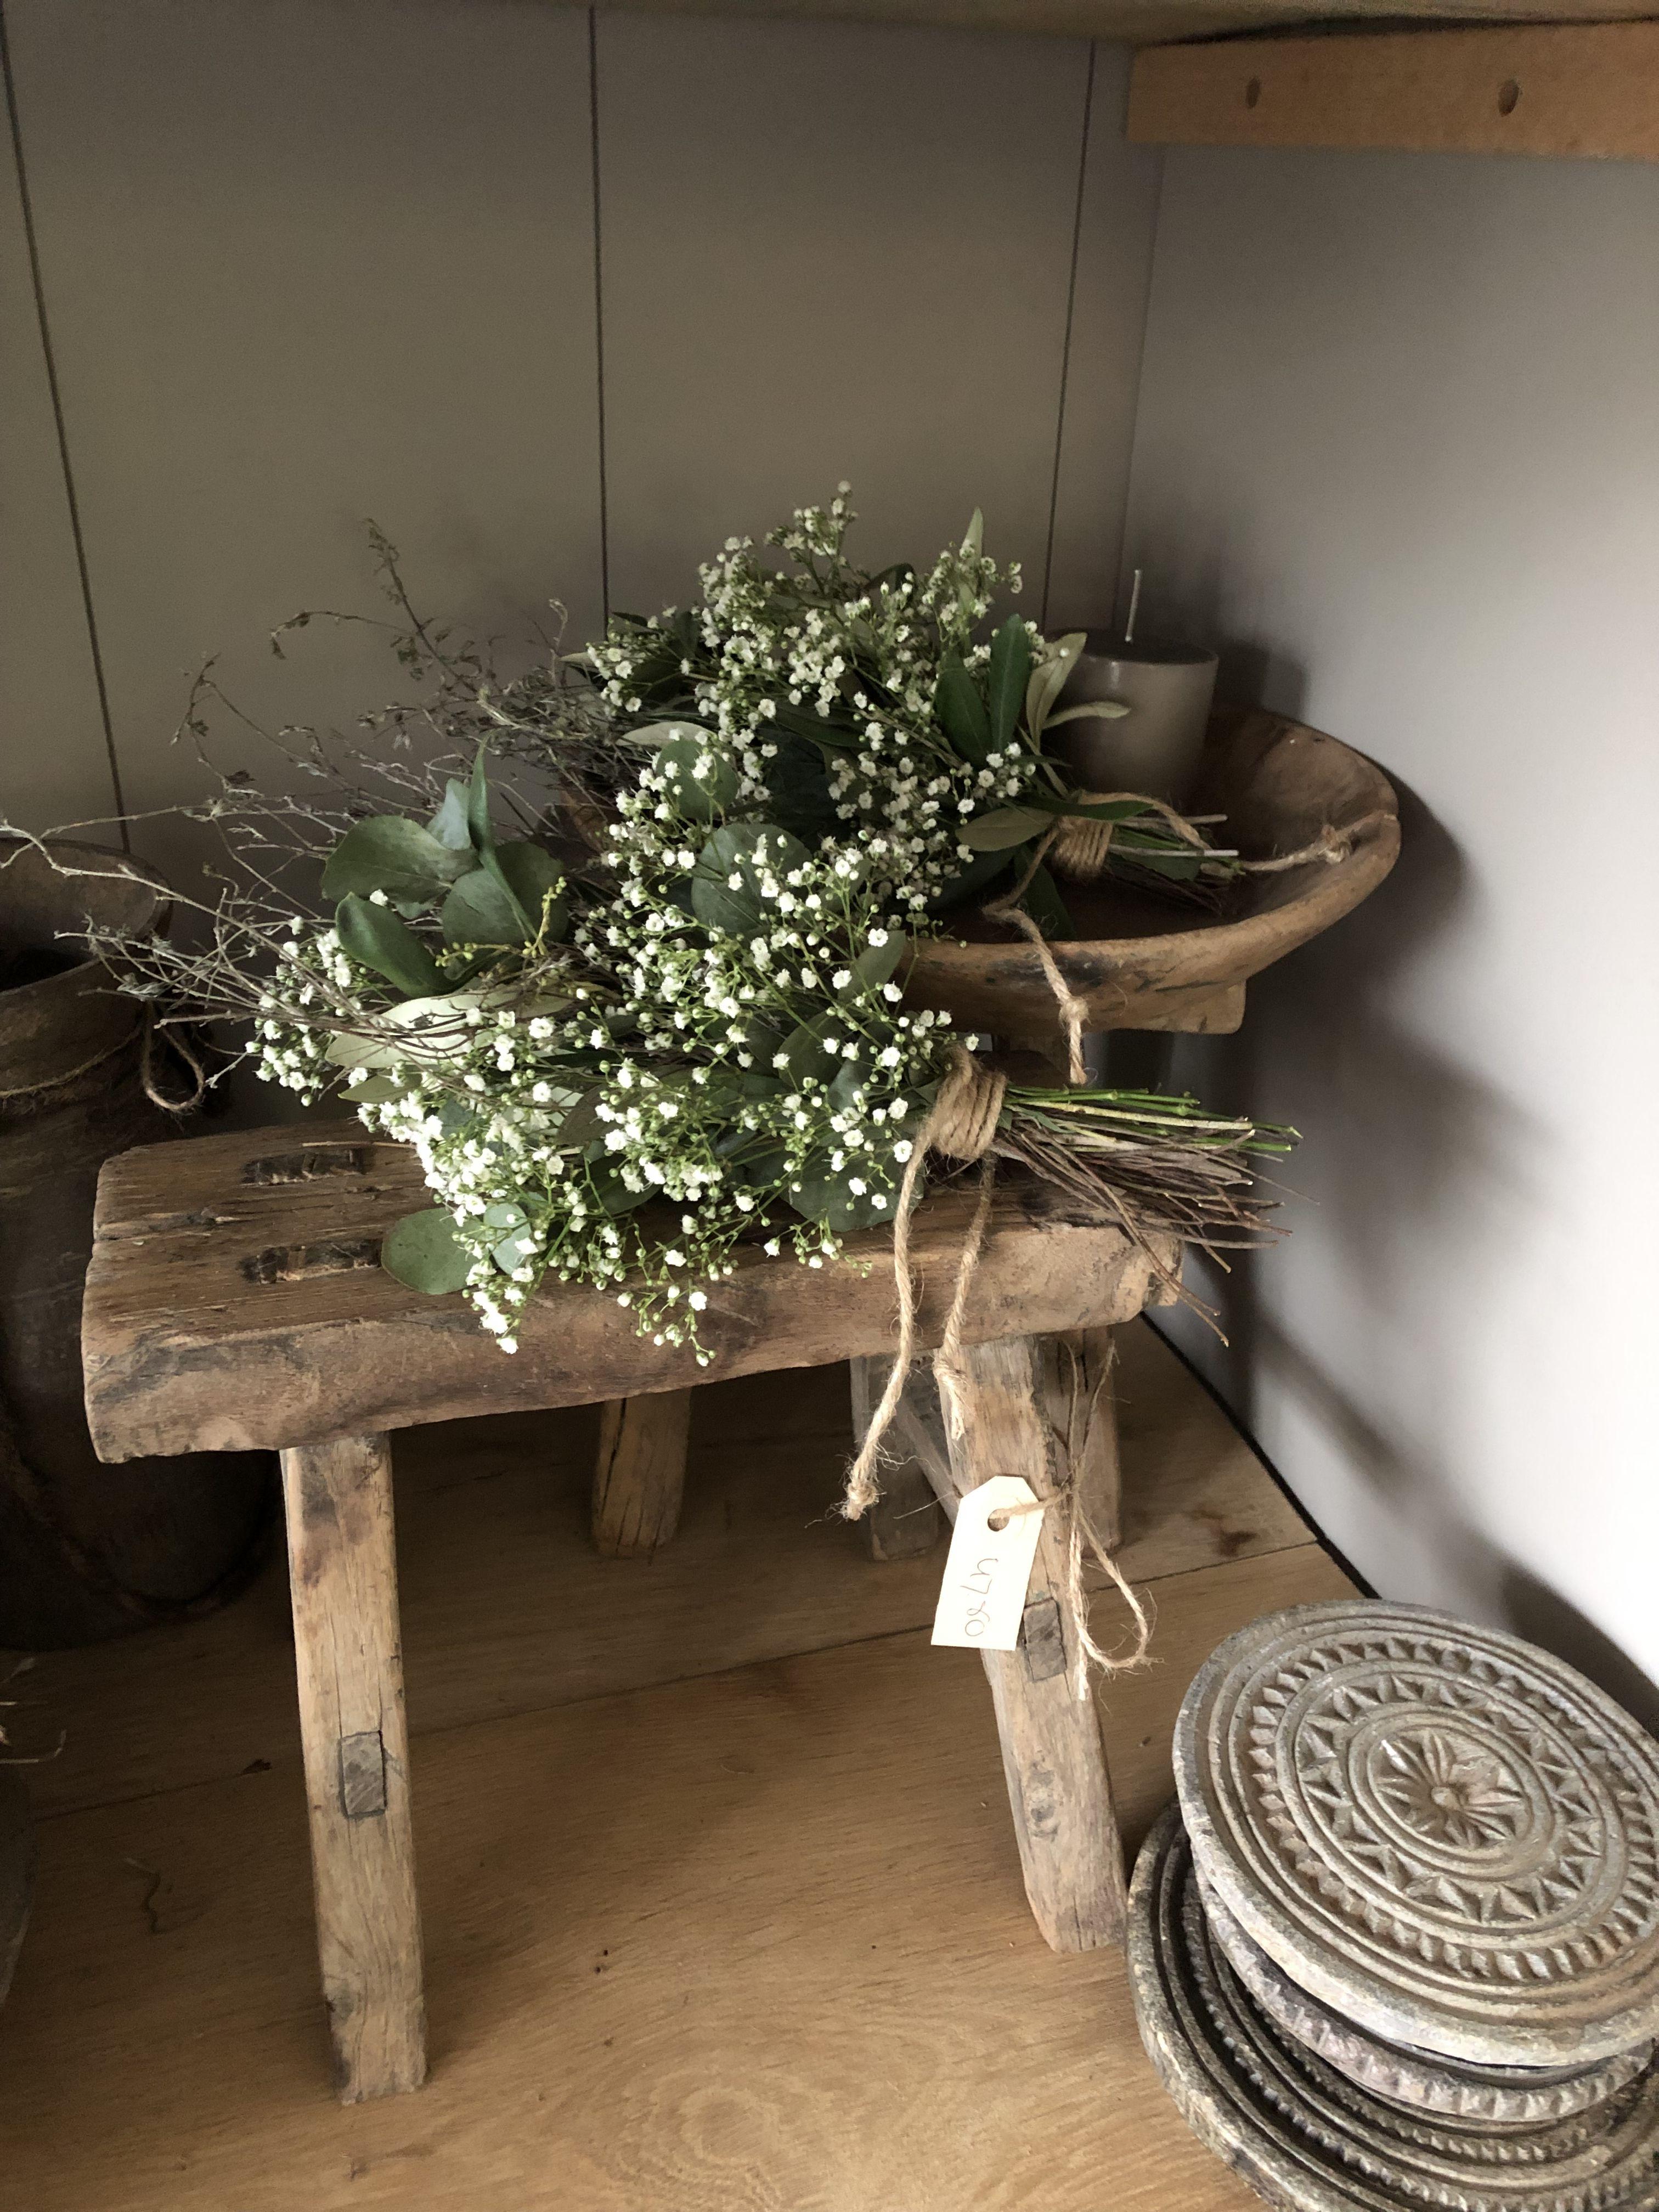 Oud Houten Krukjes En Toefjes Met Gipskruik Landelijke Bloemstukken Decoraties Krukjes